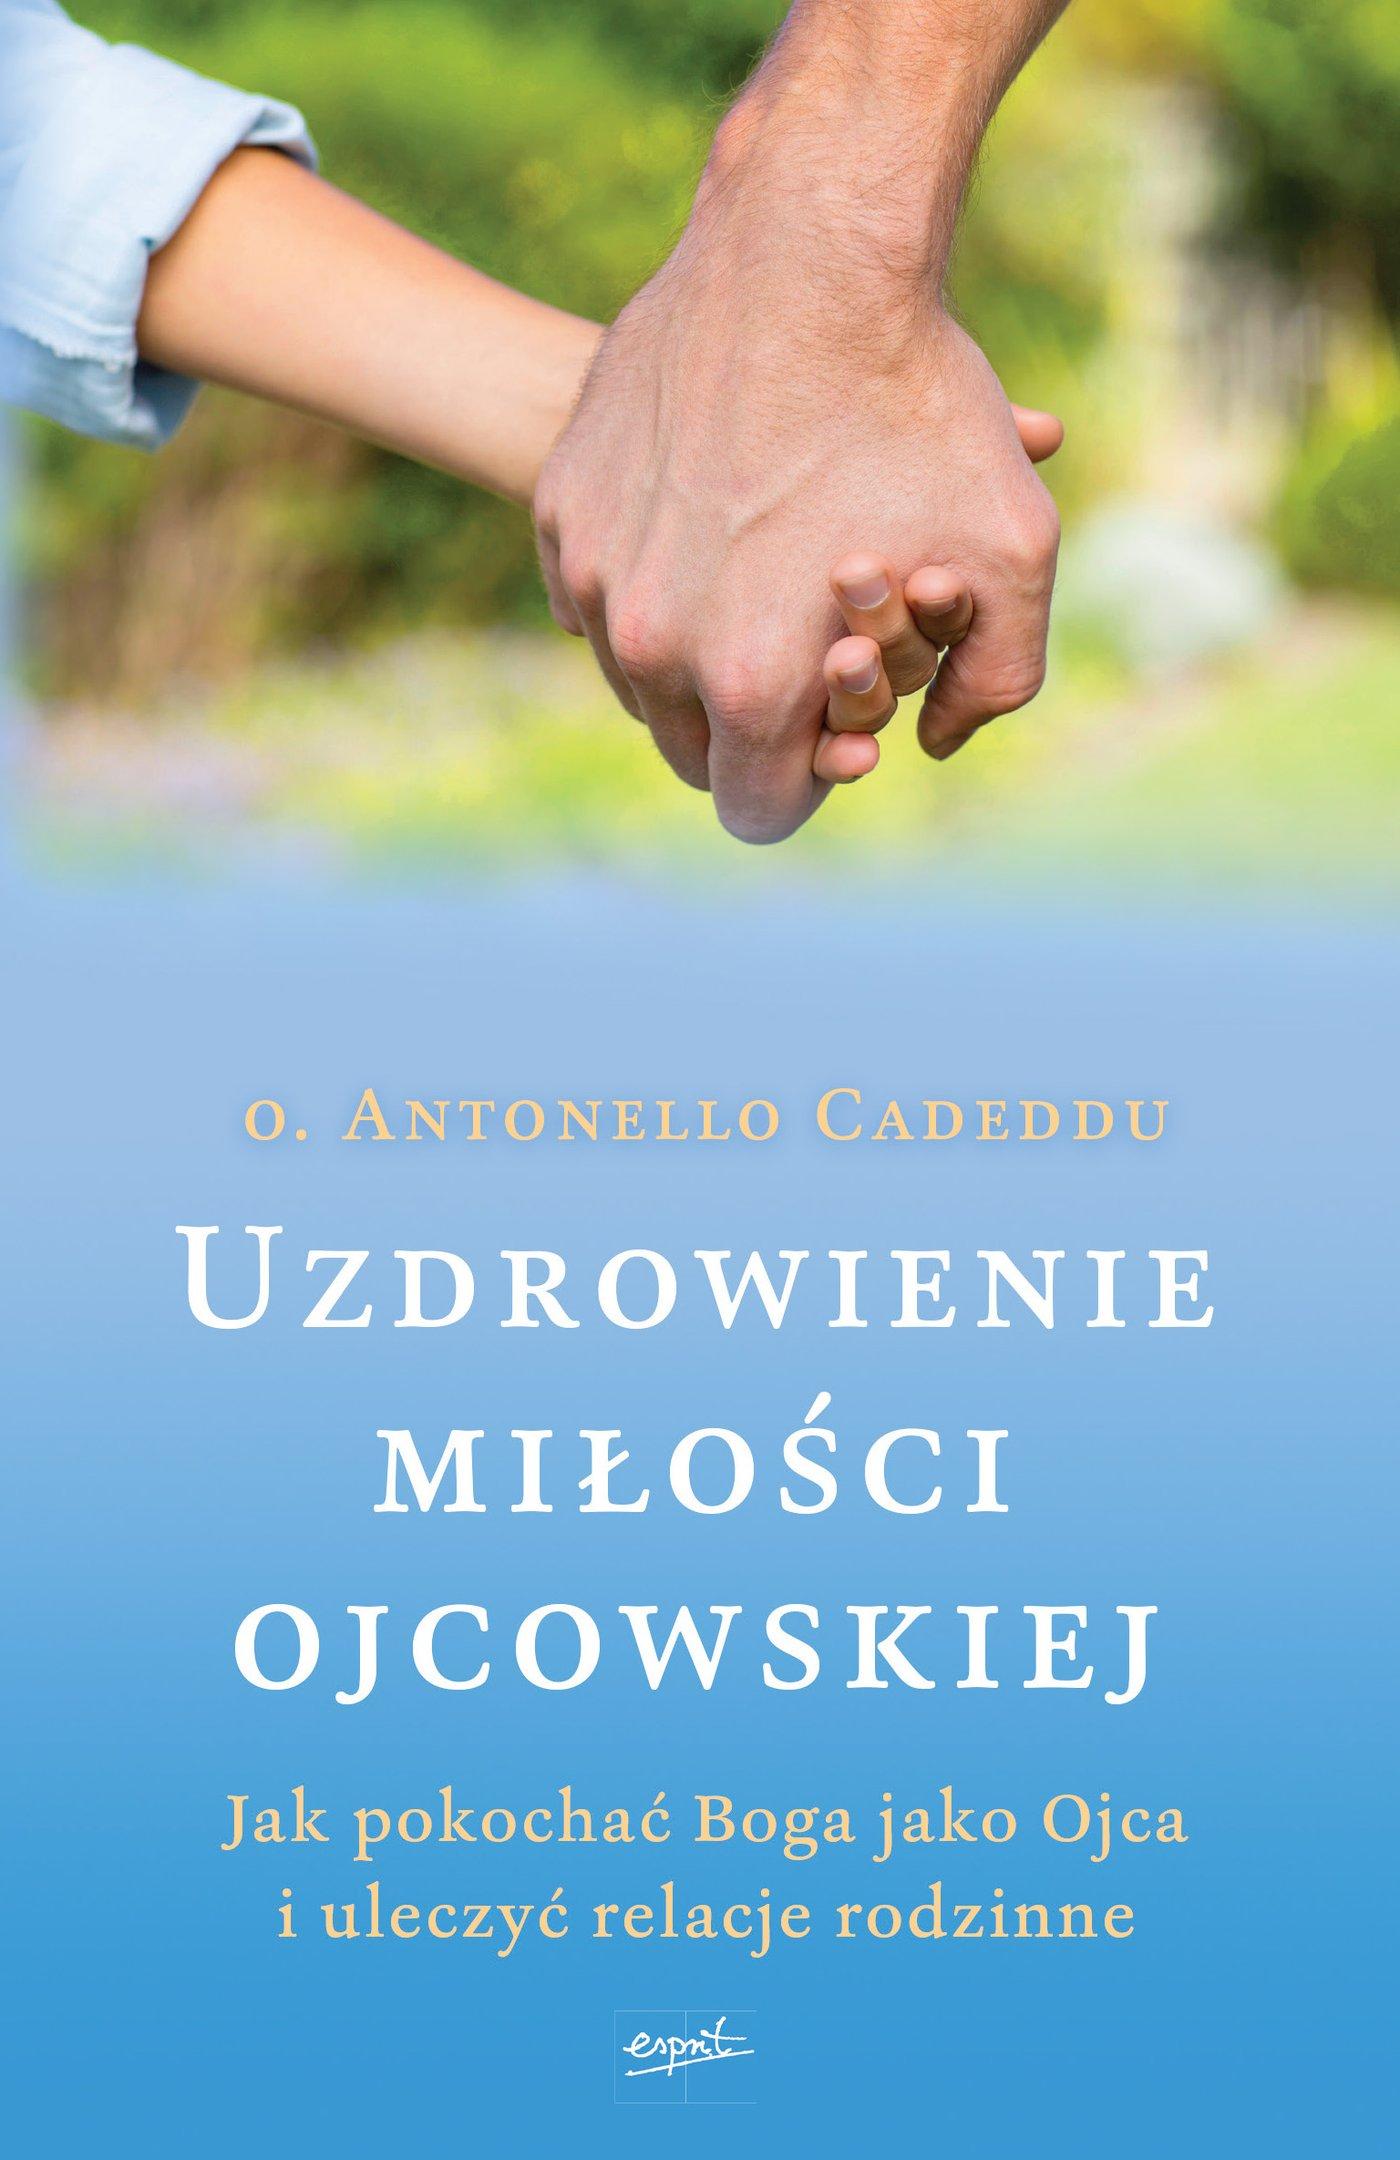 Uzdrowienie miłości ojcowskiej - Ebook (Książka EPUB) do pobrania w formacie EPUB